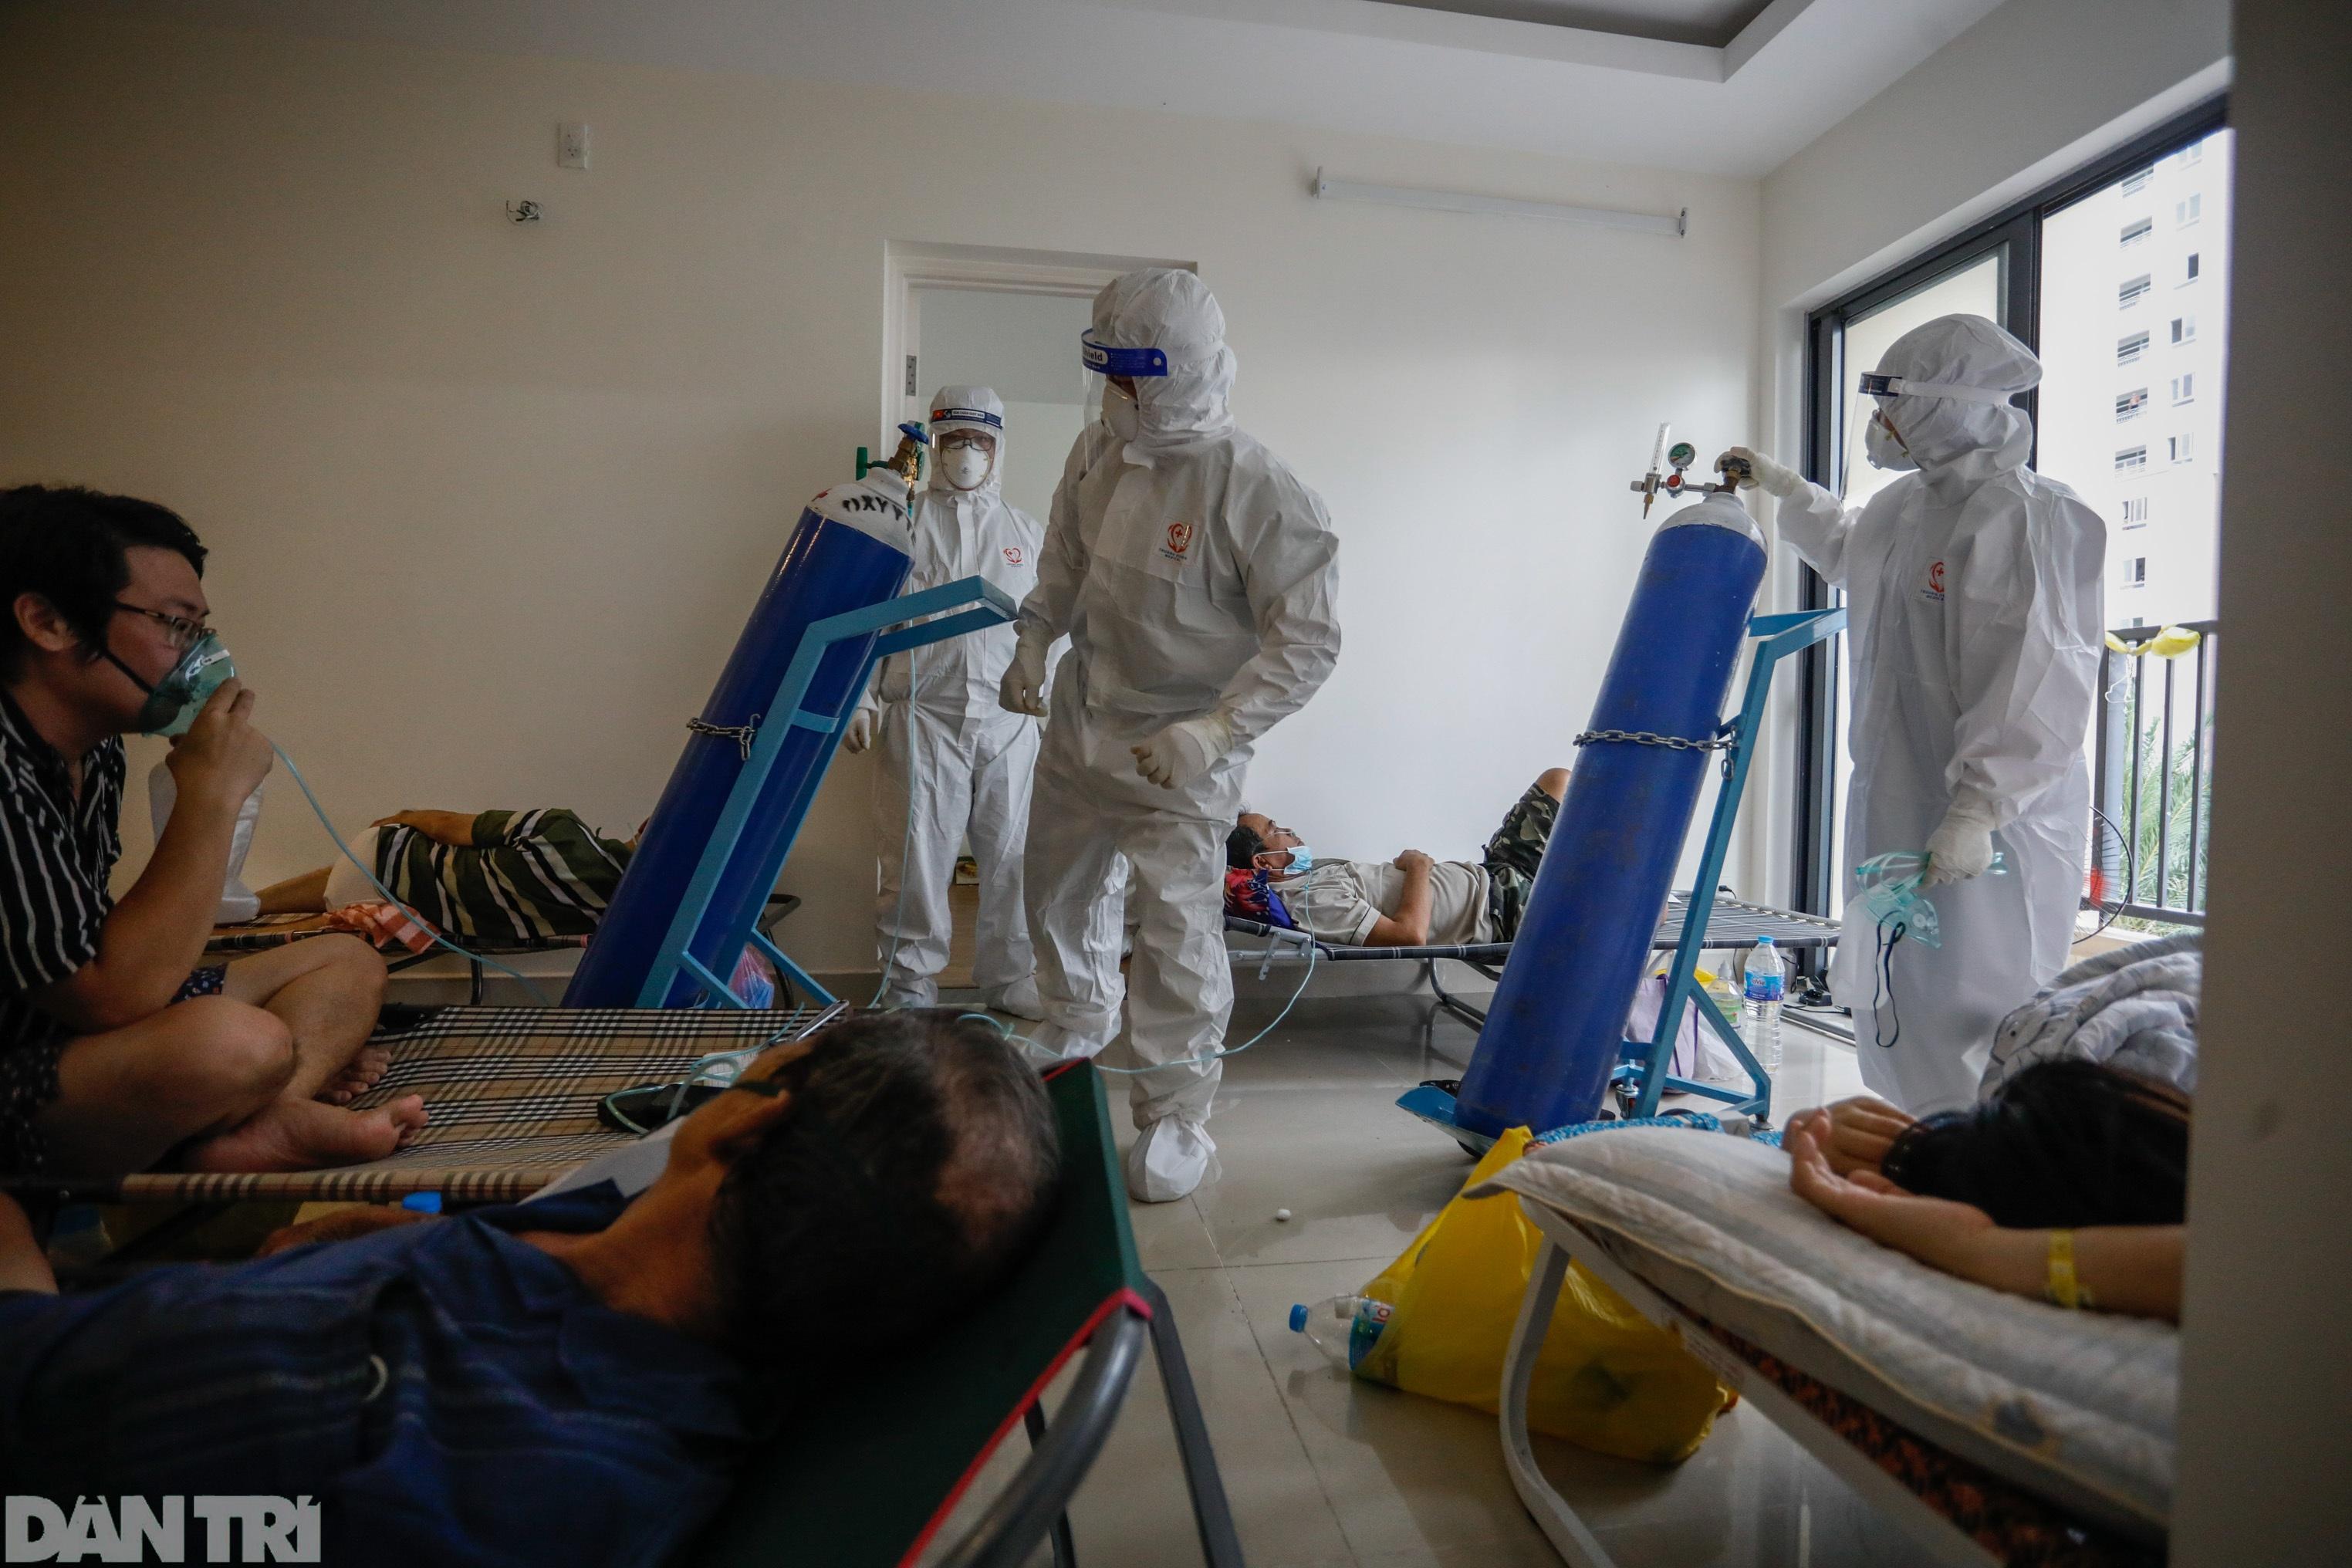 Bác sĩ sáng chế bình oxy đặc biệt giúp hàng trăm F0 vượt cửa tử - 11